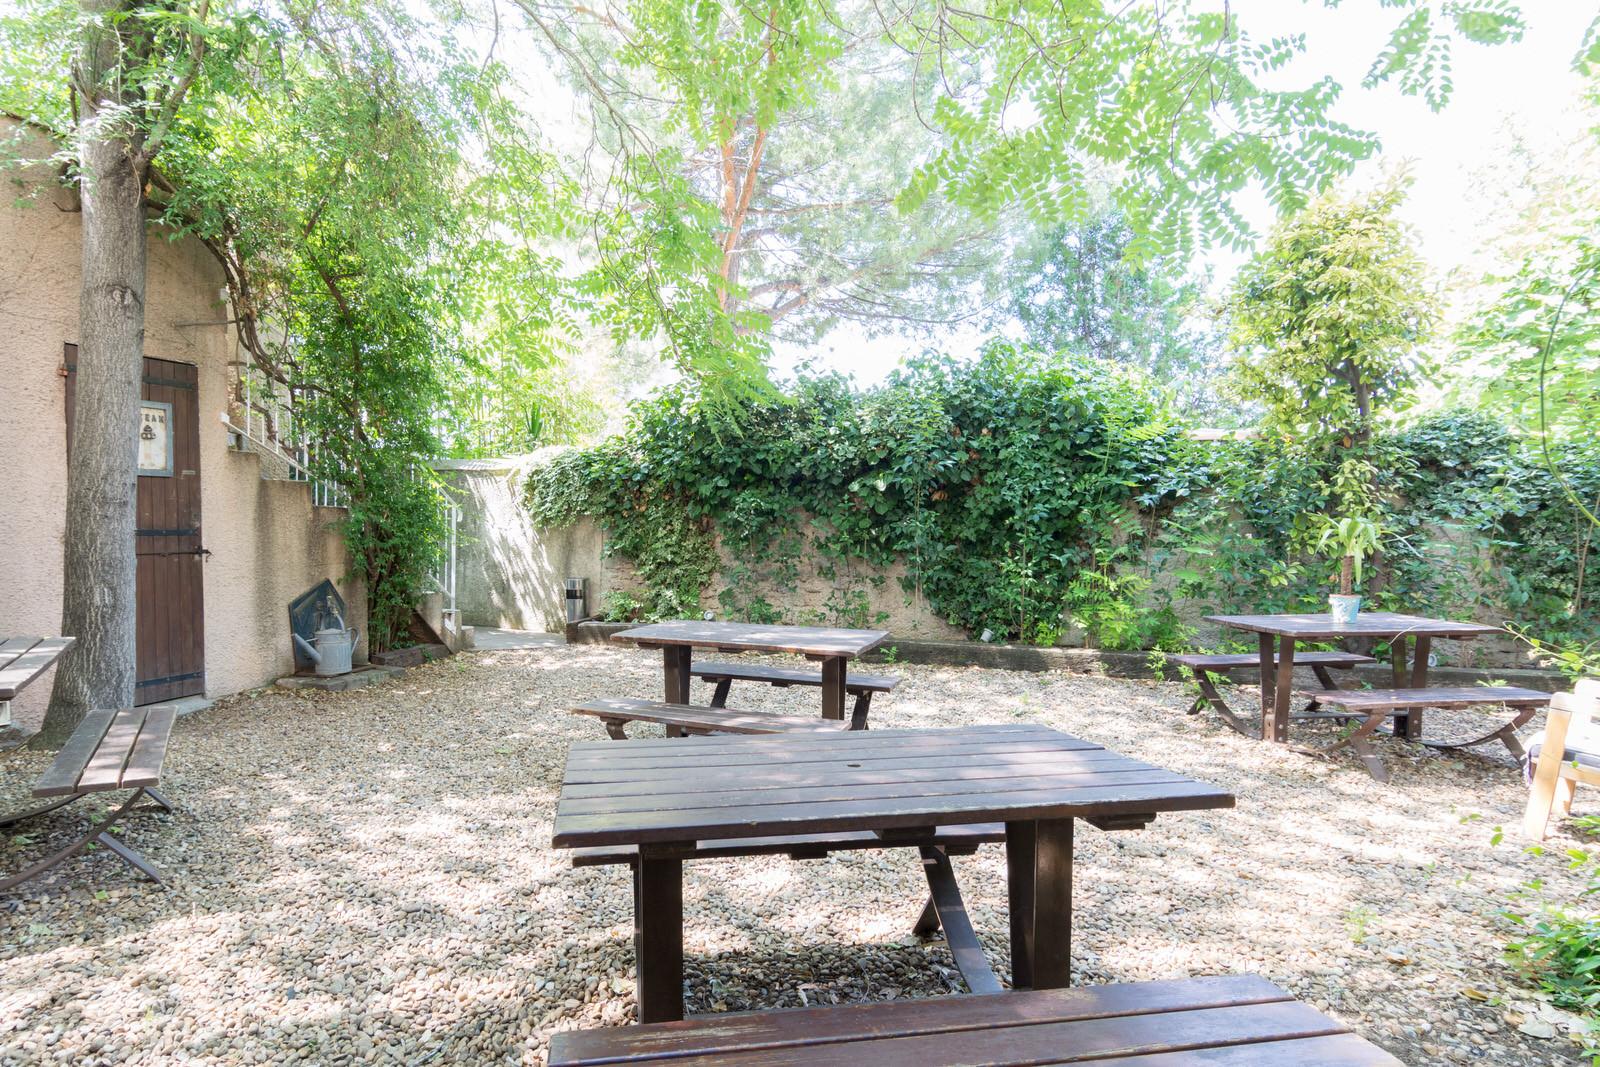 Studios meublé dans résidence étudiante avec jardin